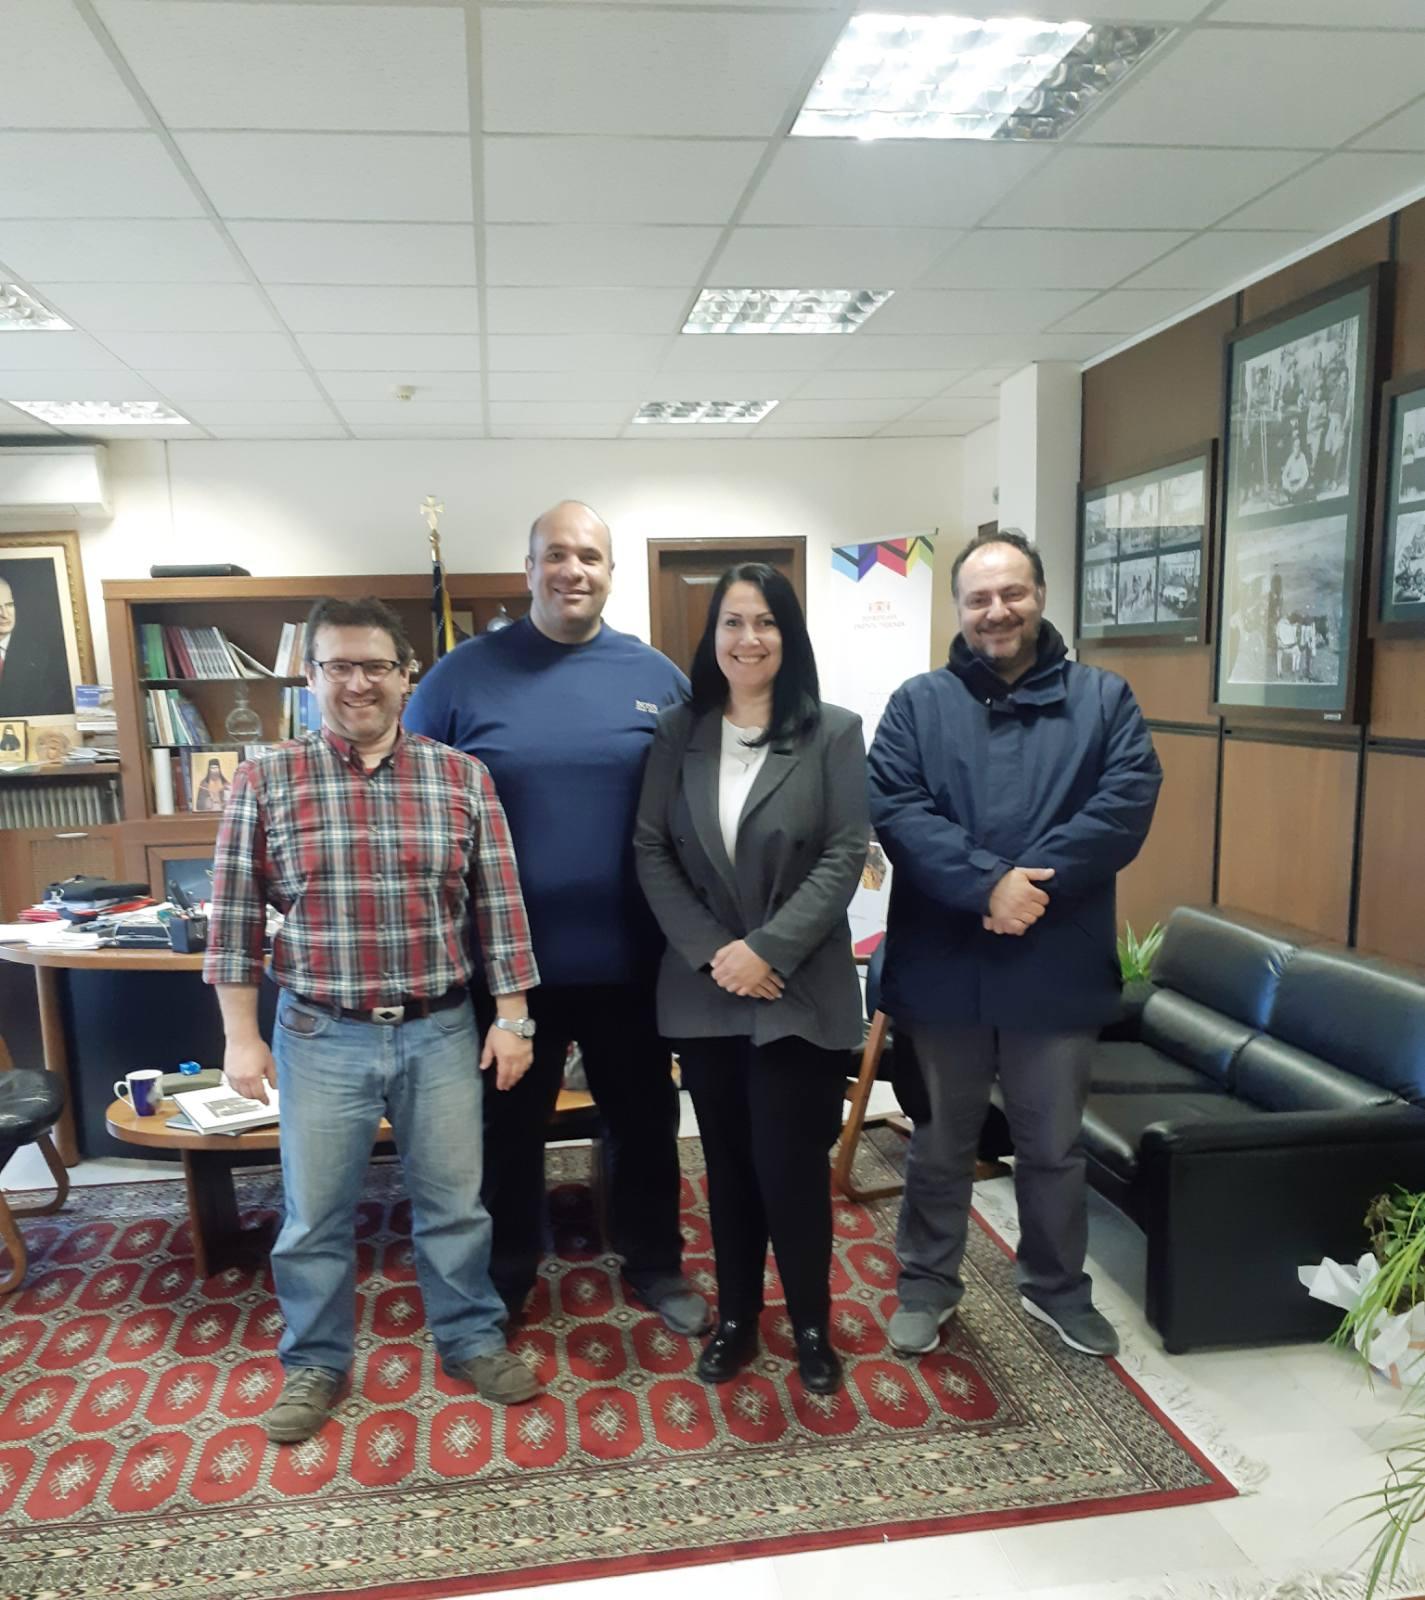 Τα μέλη της Νομαρχιακής Επιτροπής Γρεβενών συναντήθηκαν με τον Αντιπεριφερειάρχη της Π.Ε. Γρεβενών κ. Γιάτσιο Ιωάννη